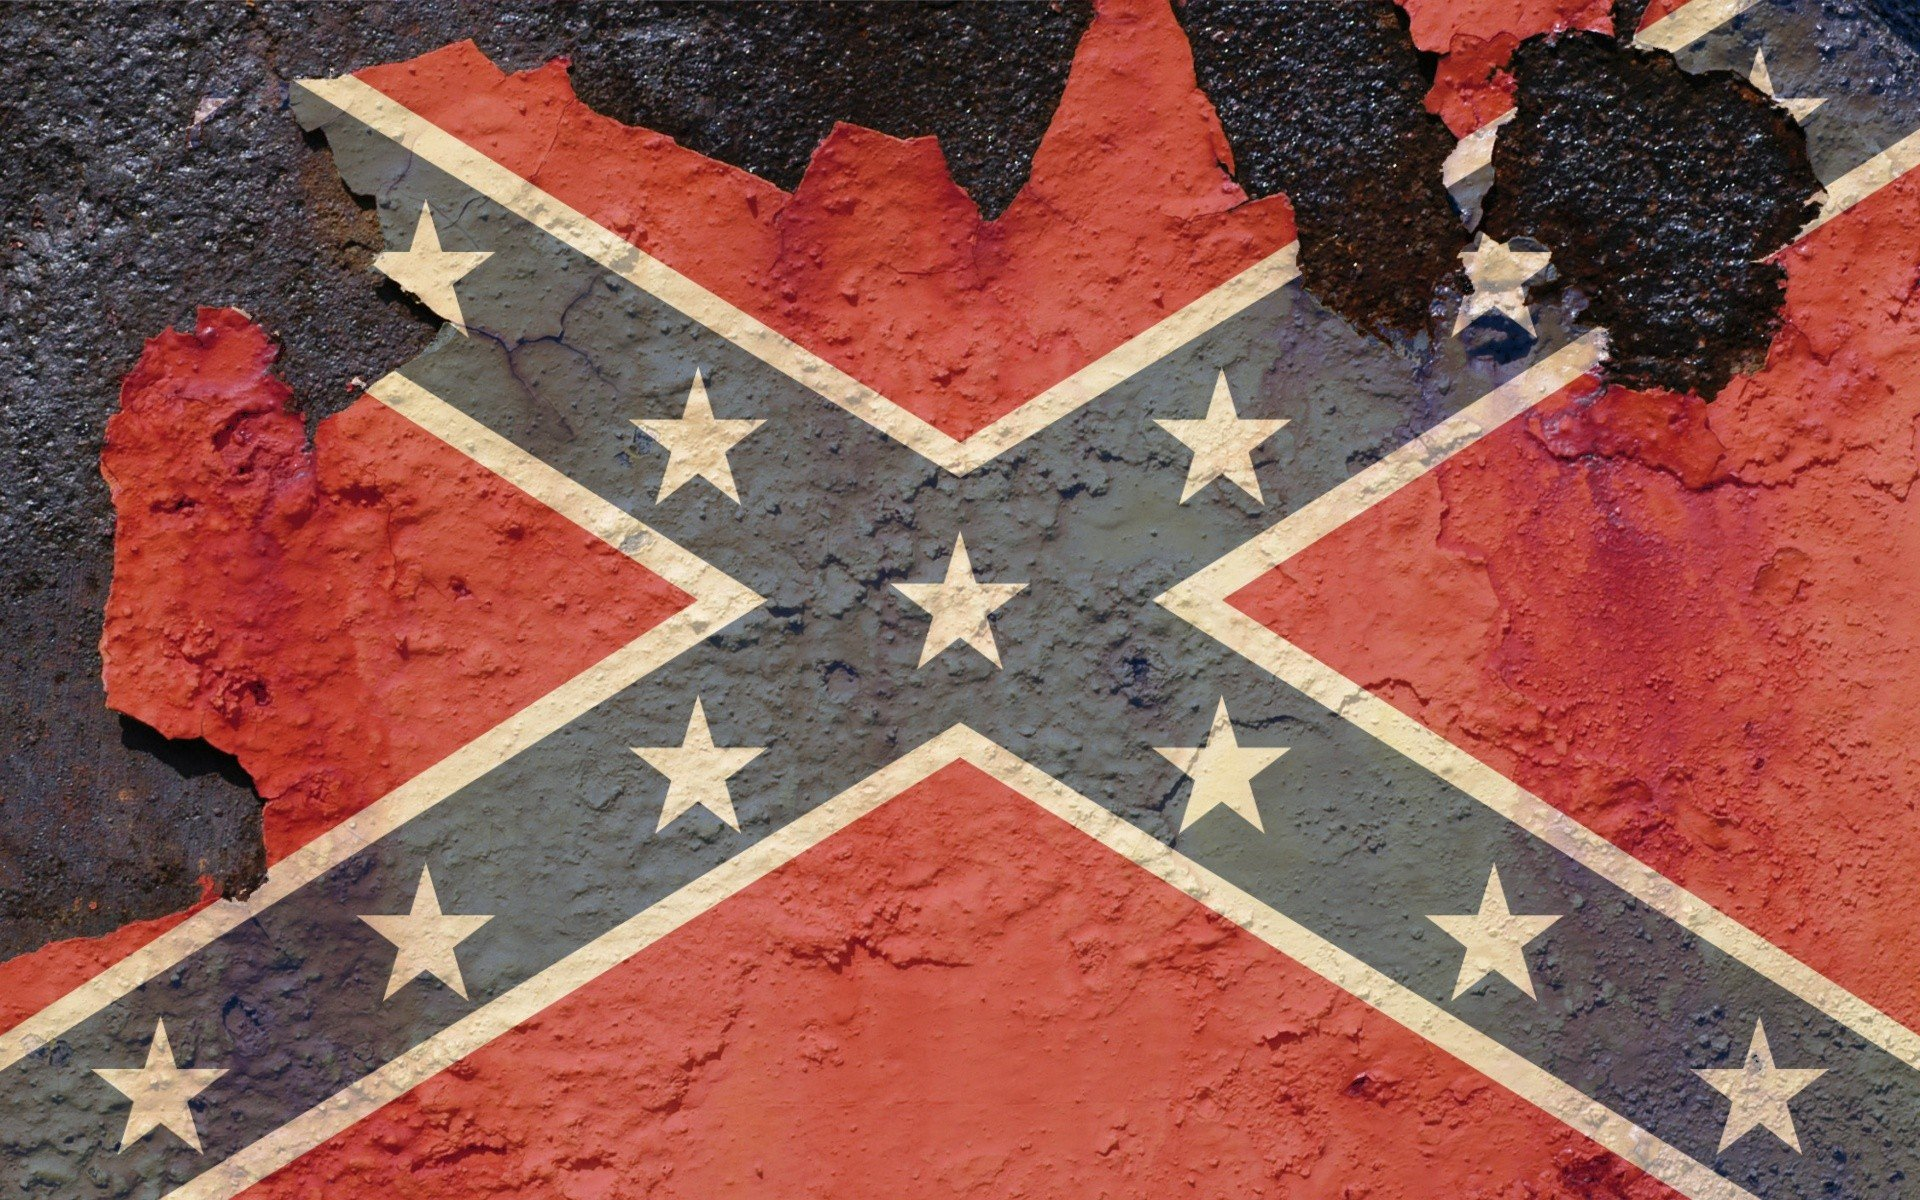 confederate-flag-wall-borders-confederate-flag-1920×-Confederate-Wall-wallpaper-wpc5803644